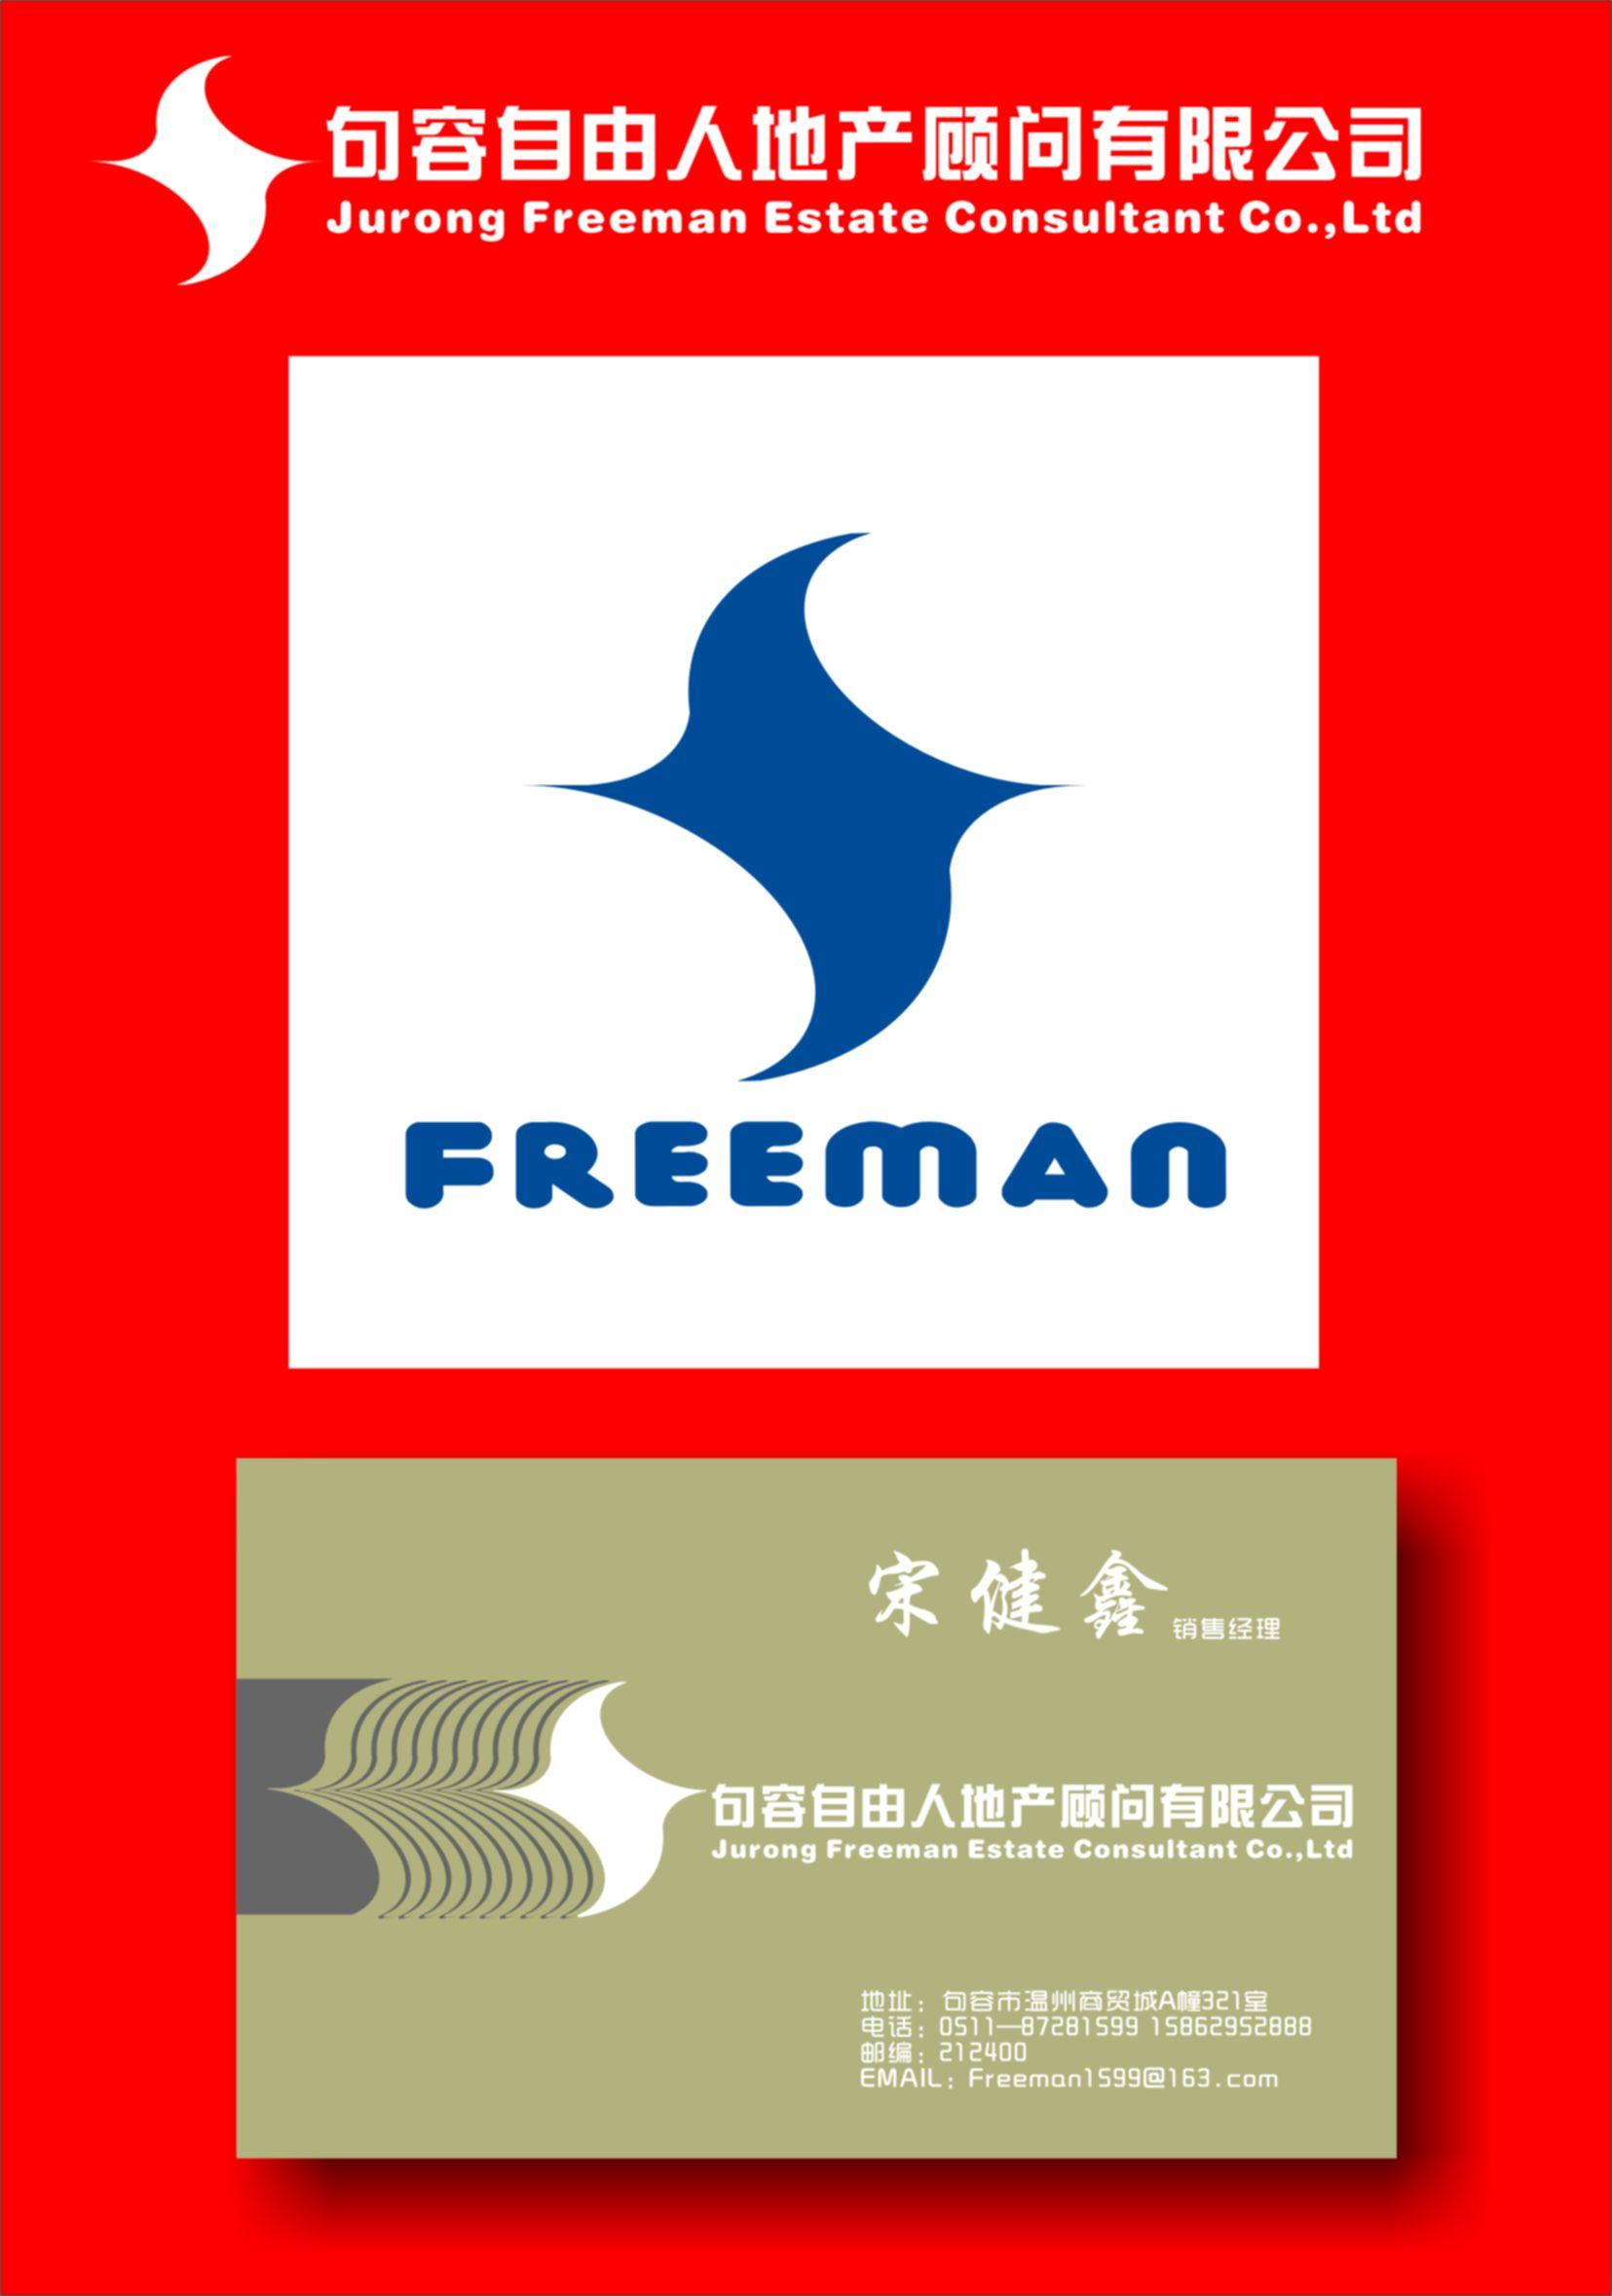 句容自由人地产顾问有限公司logo及名片设计_2582059_k68威客网